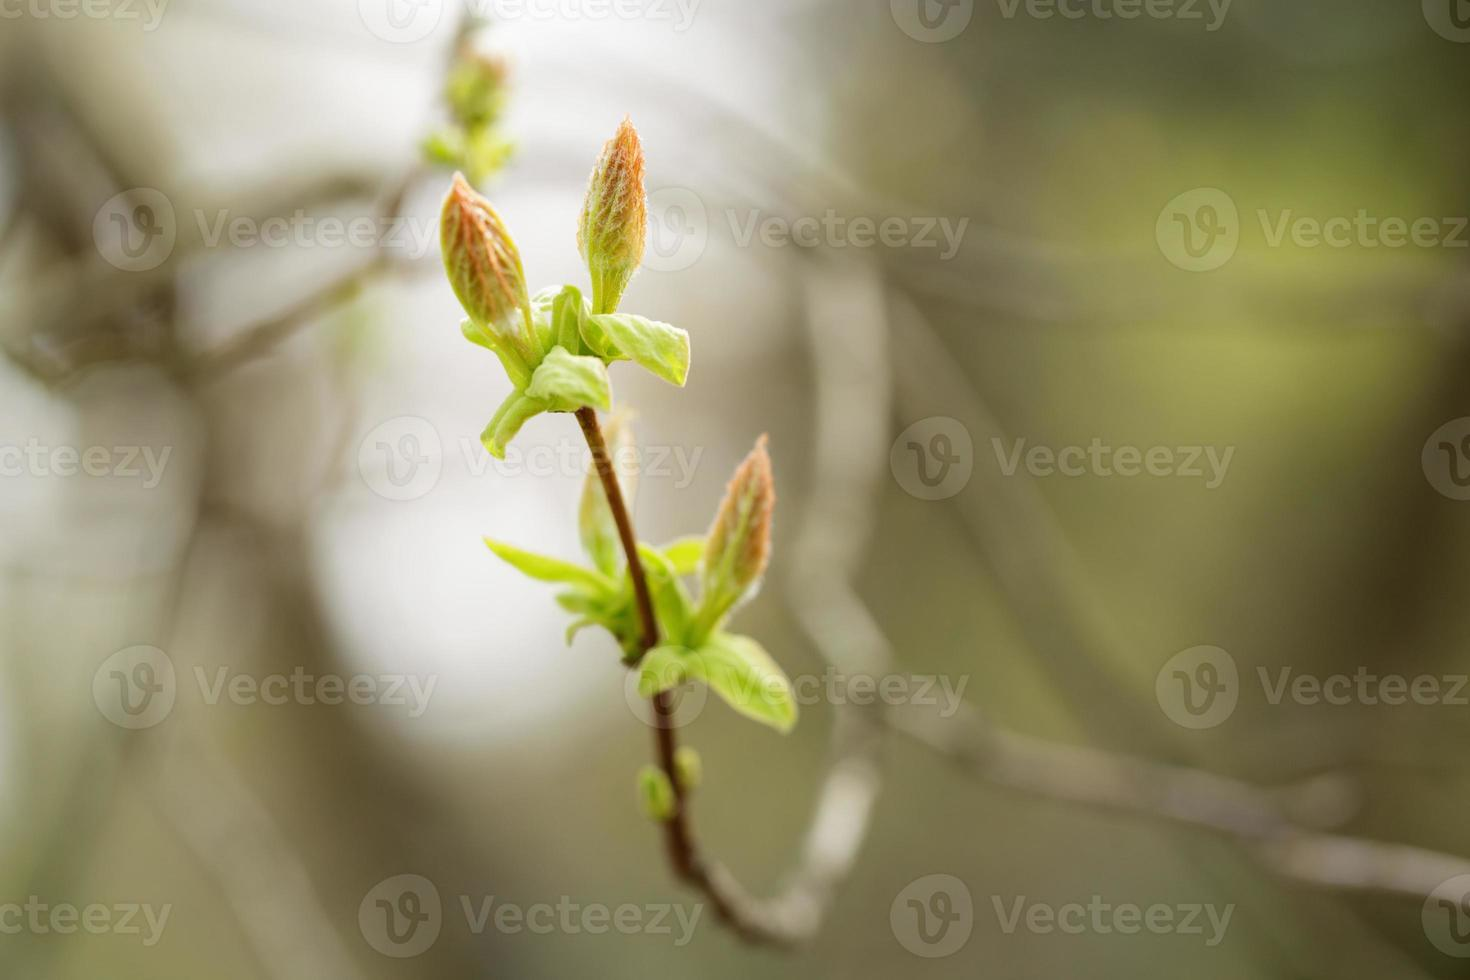 acer tataricum primi germogli e foglie foto